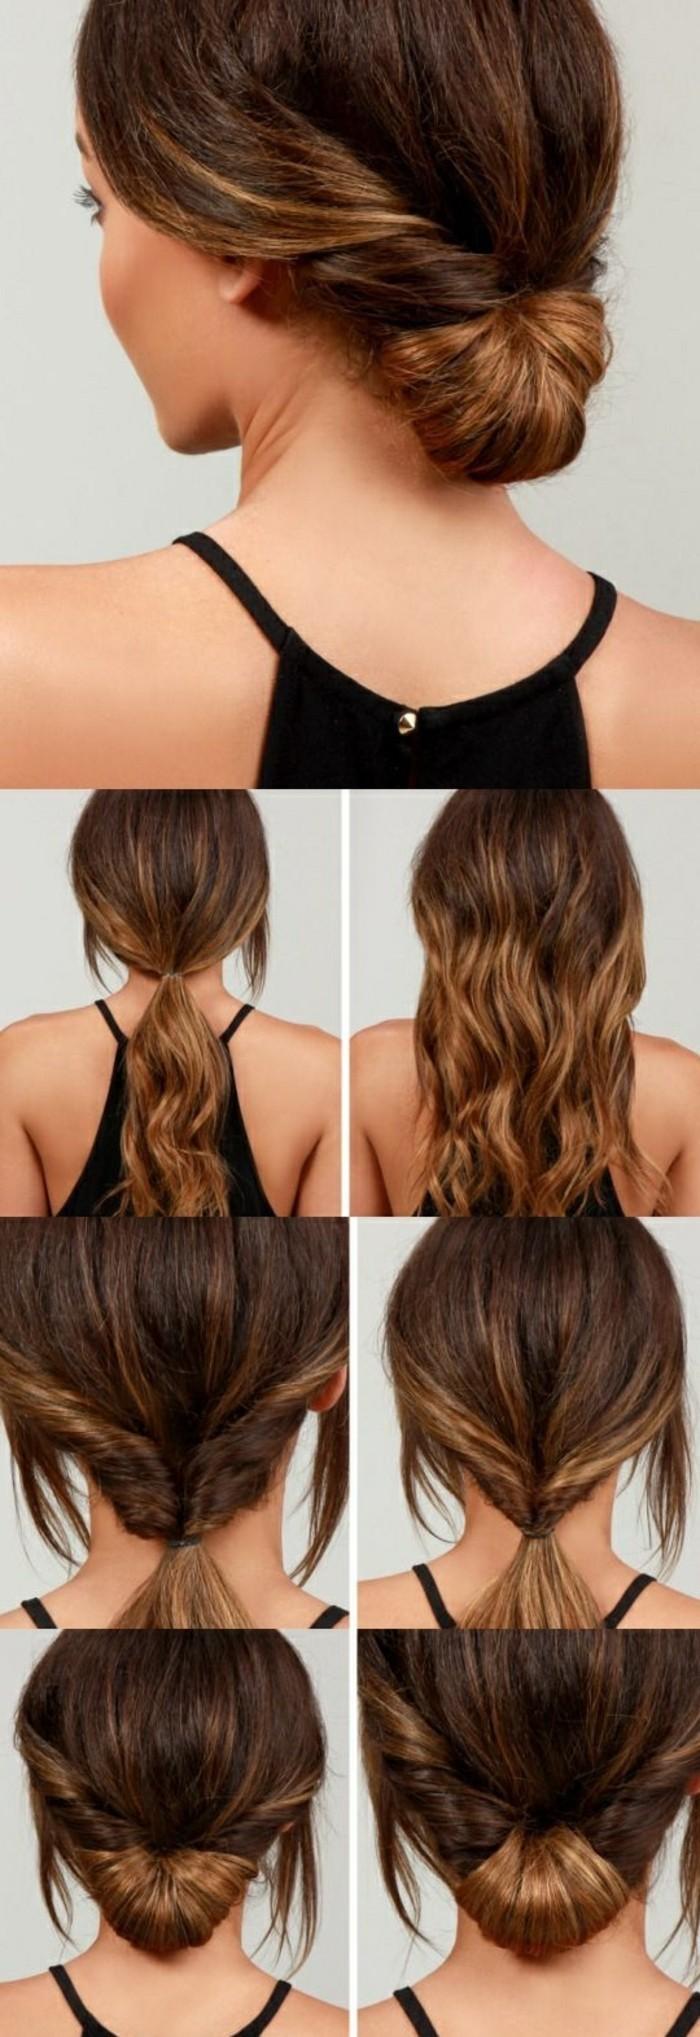 tuto coiffure cheveux long, chignon bas réalisé à partir une queue de cheval, mèches encadrant le visage